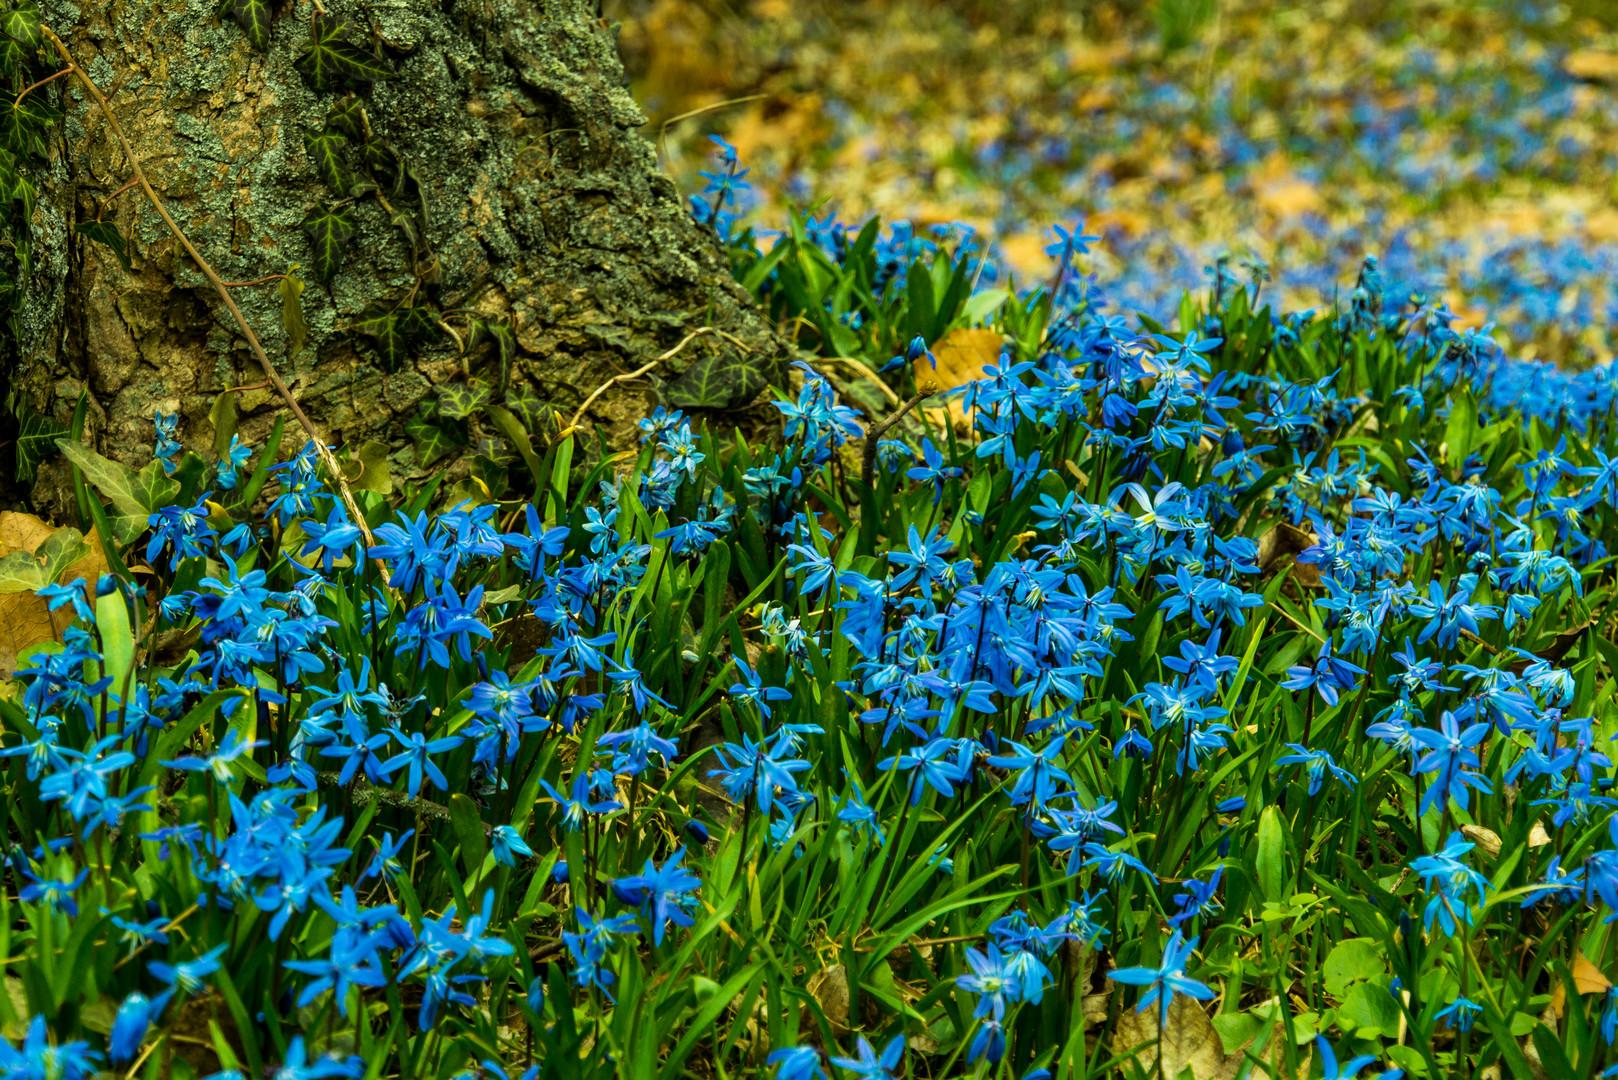 Scilla-Blütenfest IV - Lindener Berg/Hannover